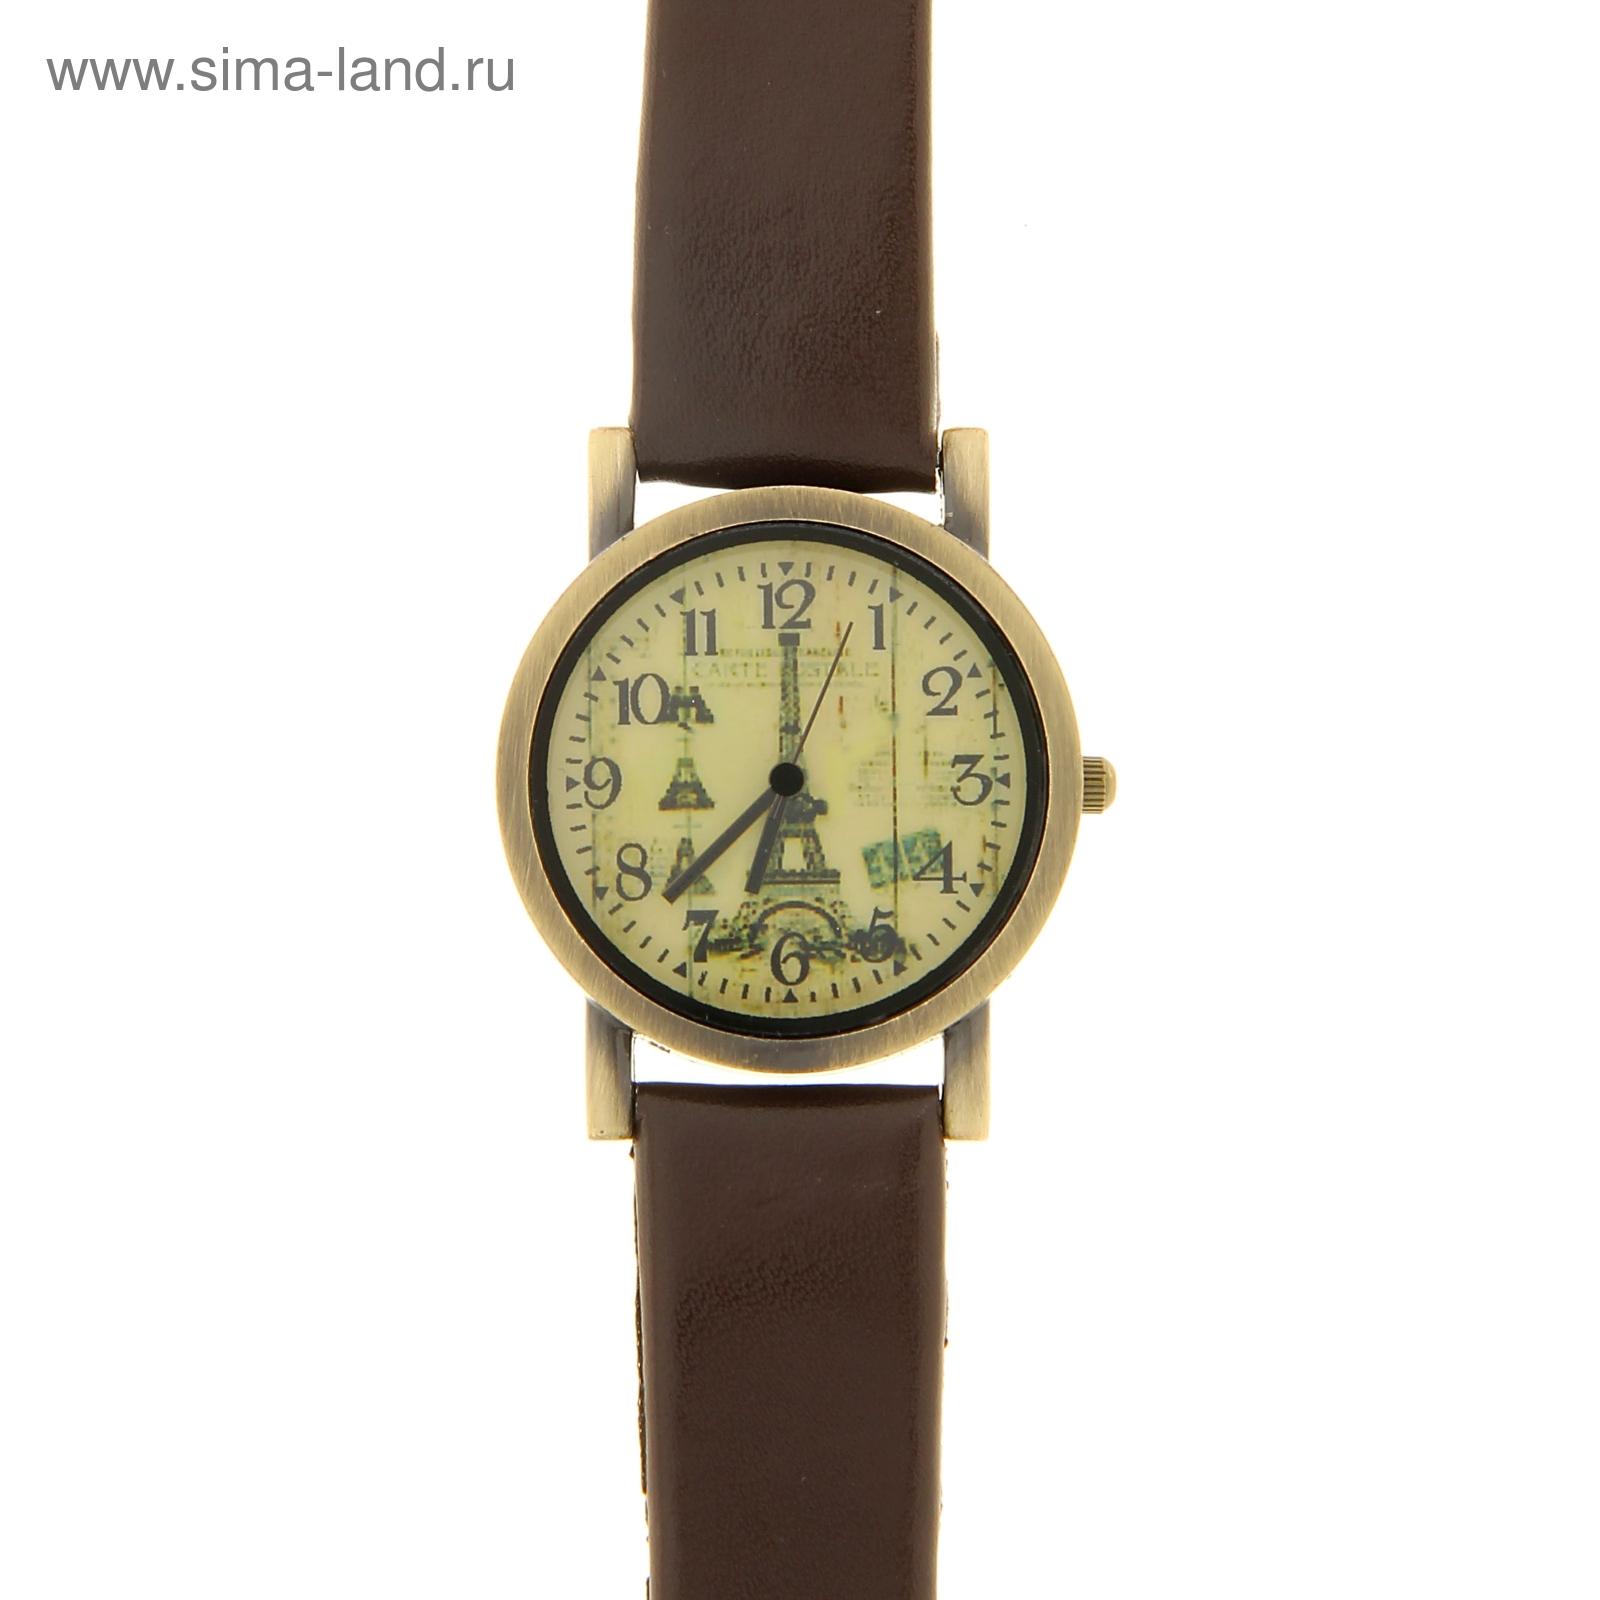 Купить ретро часы наручные женские деревянная основа для часов купить